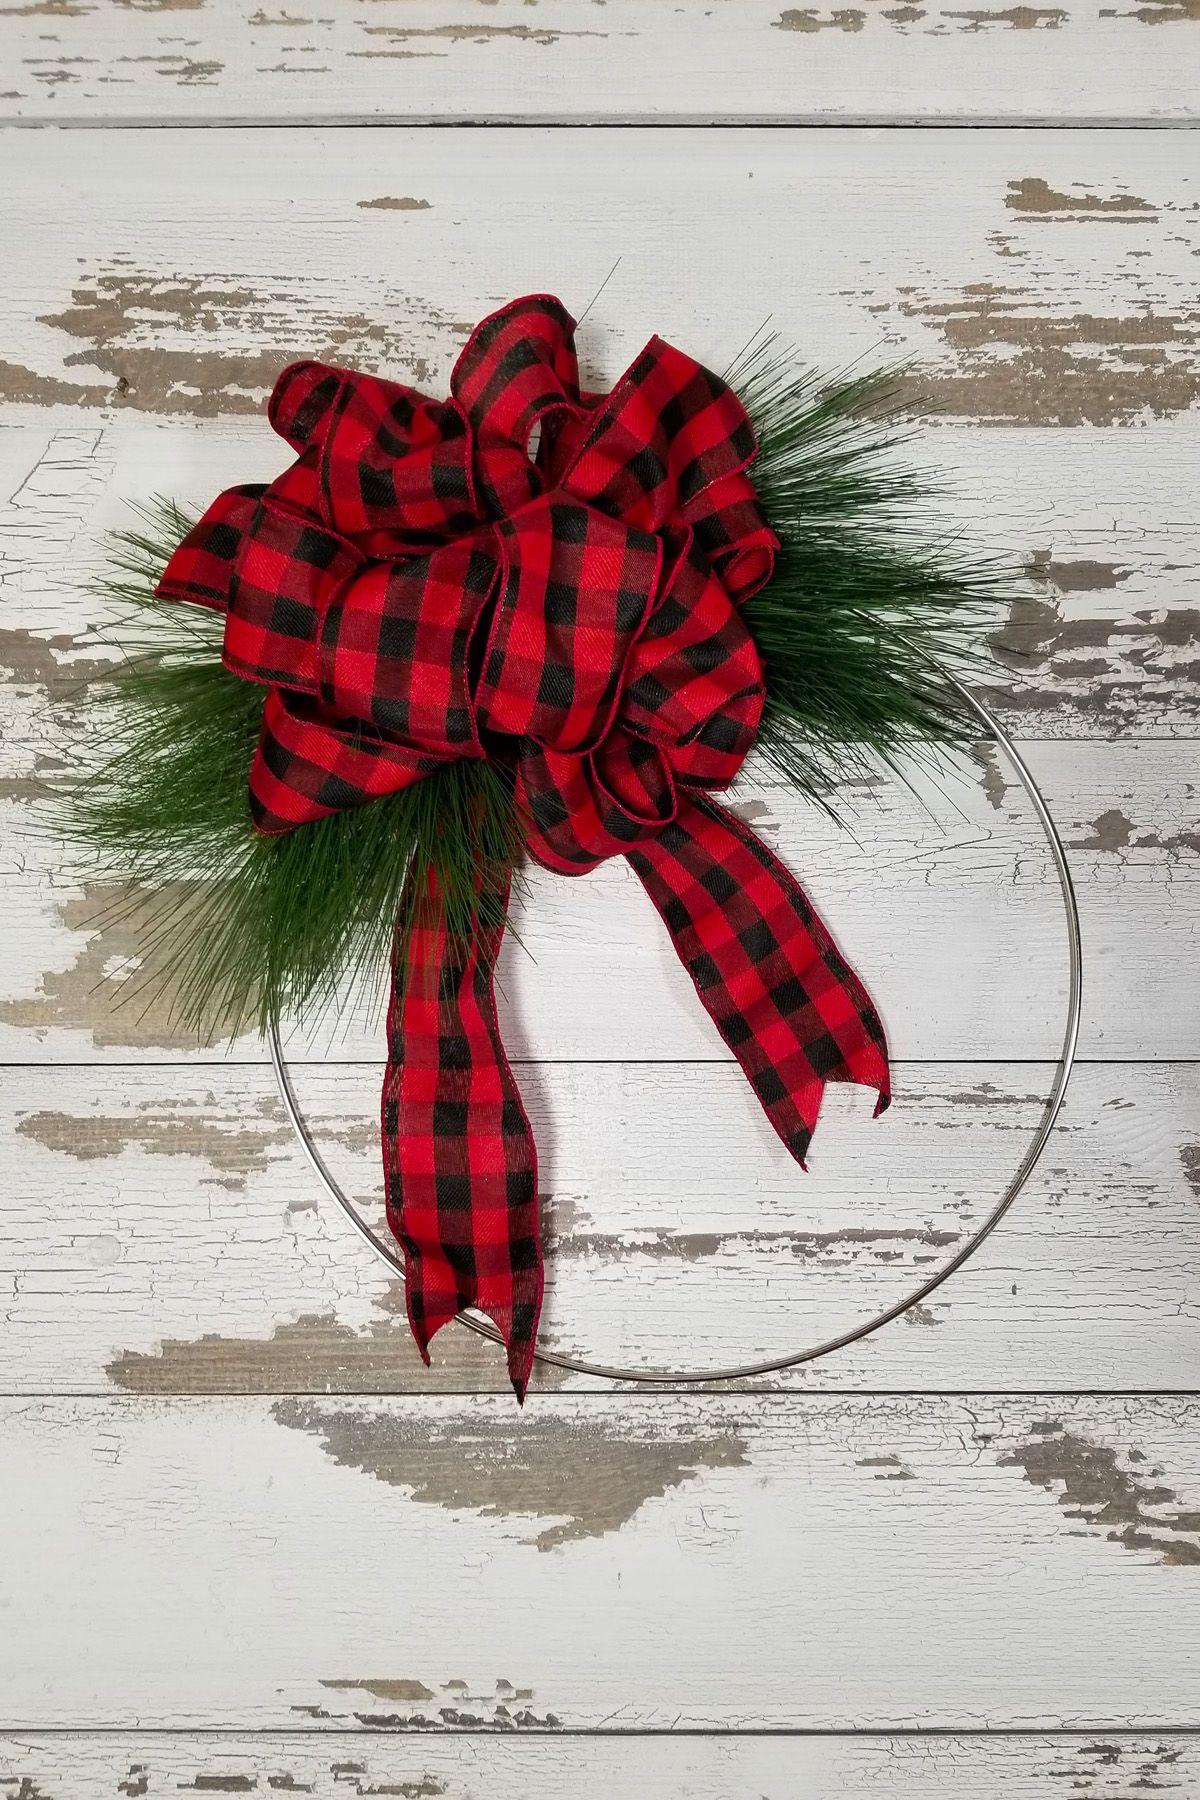 3eb0c1558b4 45 DIY Christmas Wreath Ideas - How To Make a Homemade Holiday Wreath -  WomansDay.com